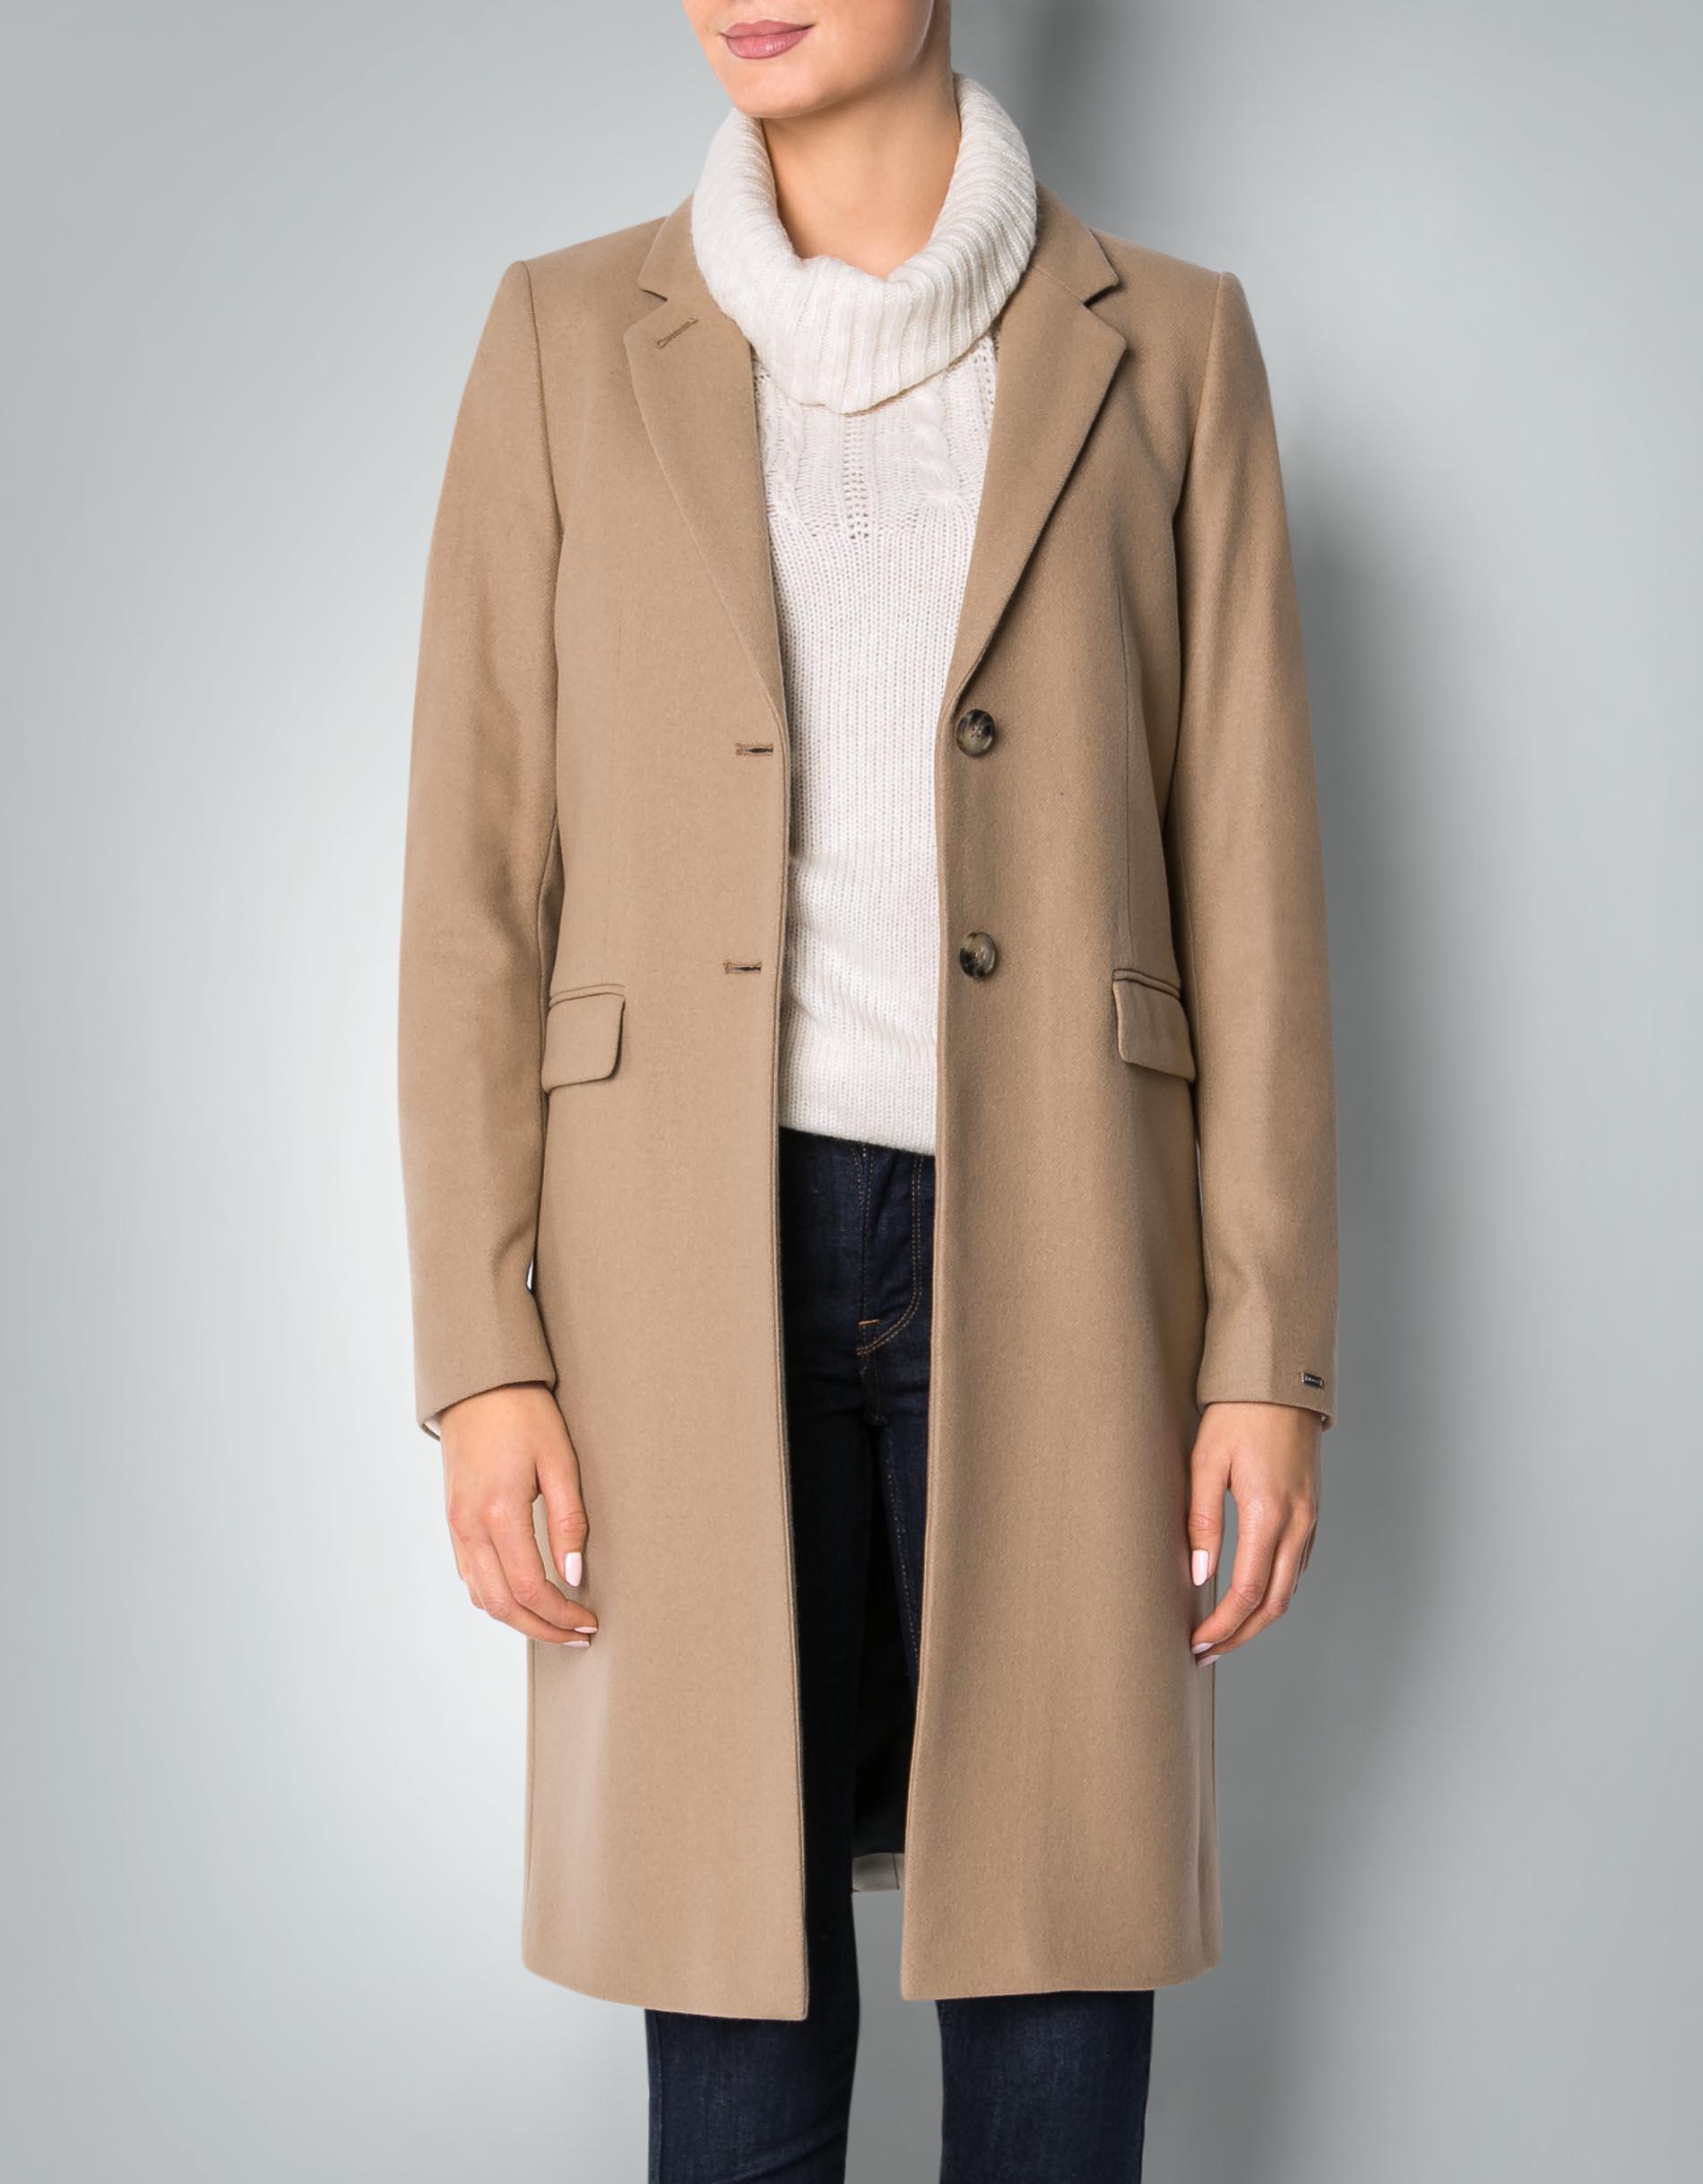 tommy hilfiger damen mantel aus schurwolle empfohlen von. Black Bedroom Furniture Sets. Home Design Ideas